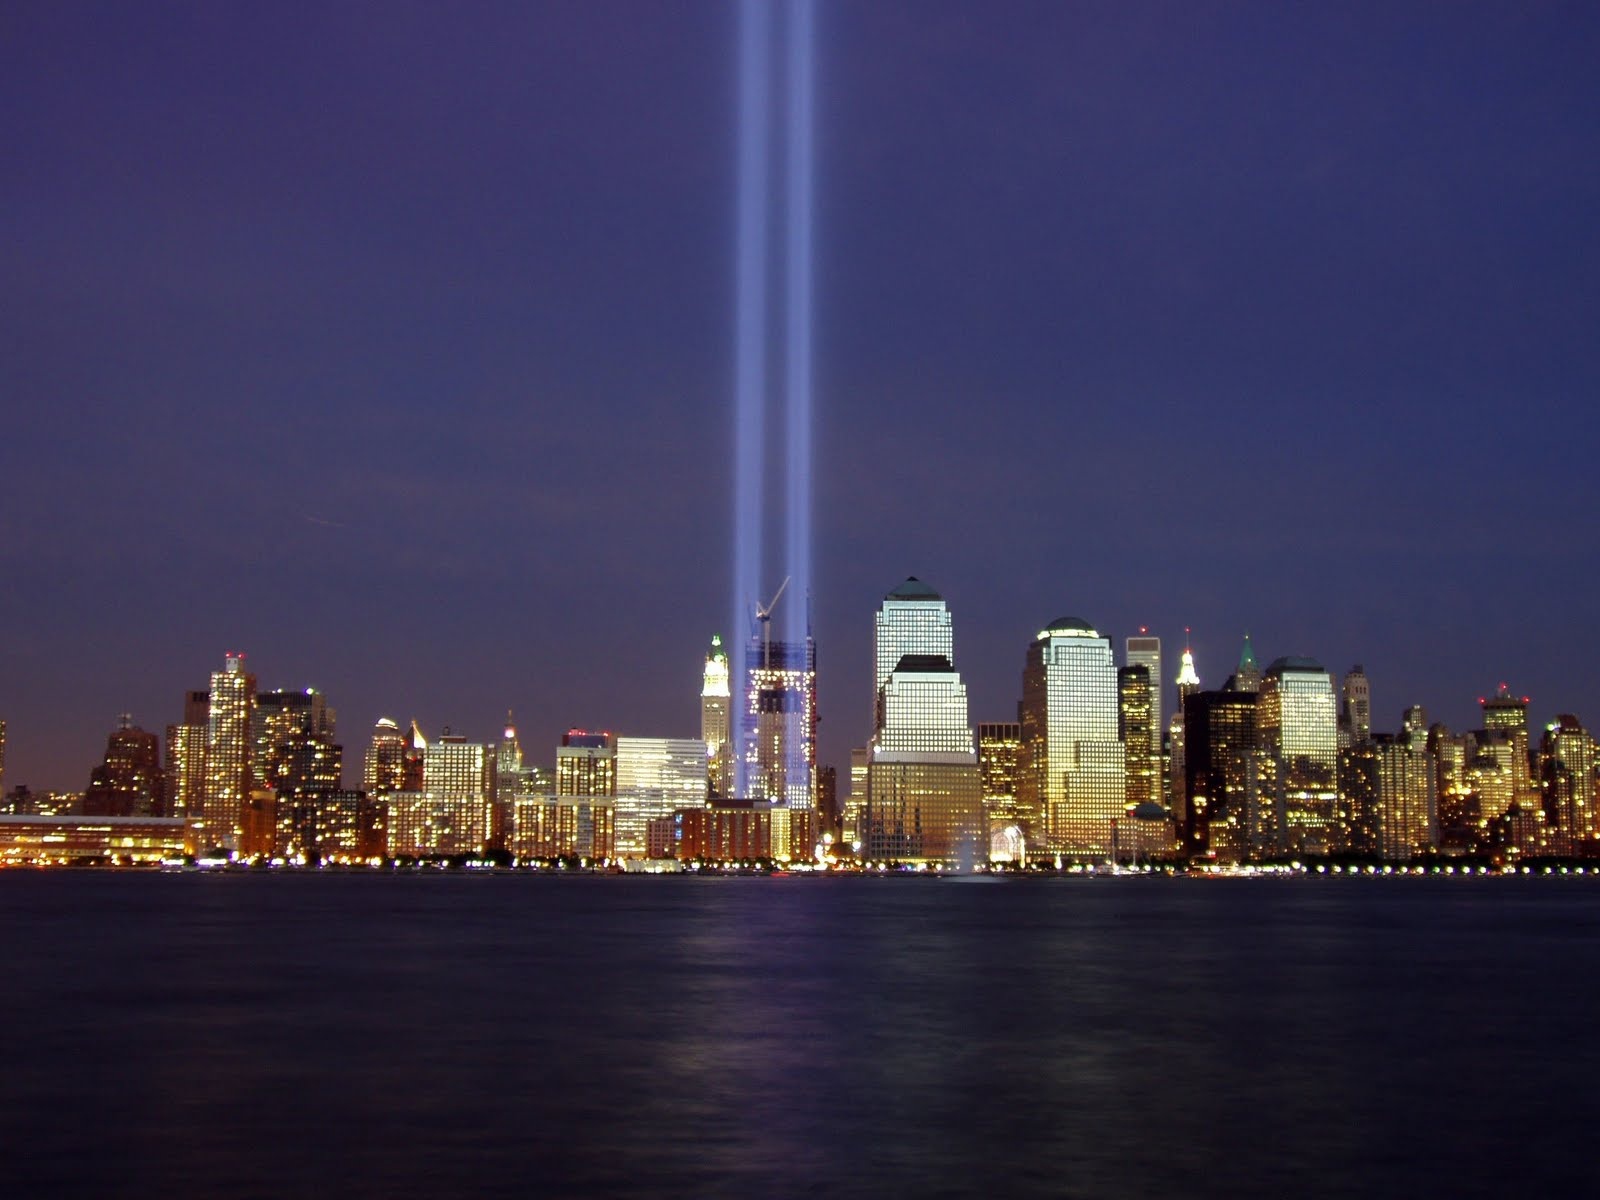 http://2.bp.blogspot.com/-Zc2GhI2F_4Q/TmZDuPWbhkI/AAAAAAAAAT8/6baIZsLEkYI/s1600/world+trade+center+memorial2.jpg